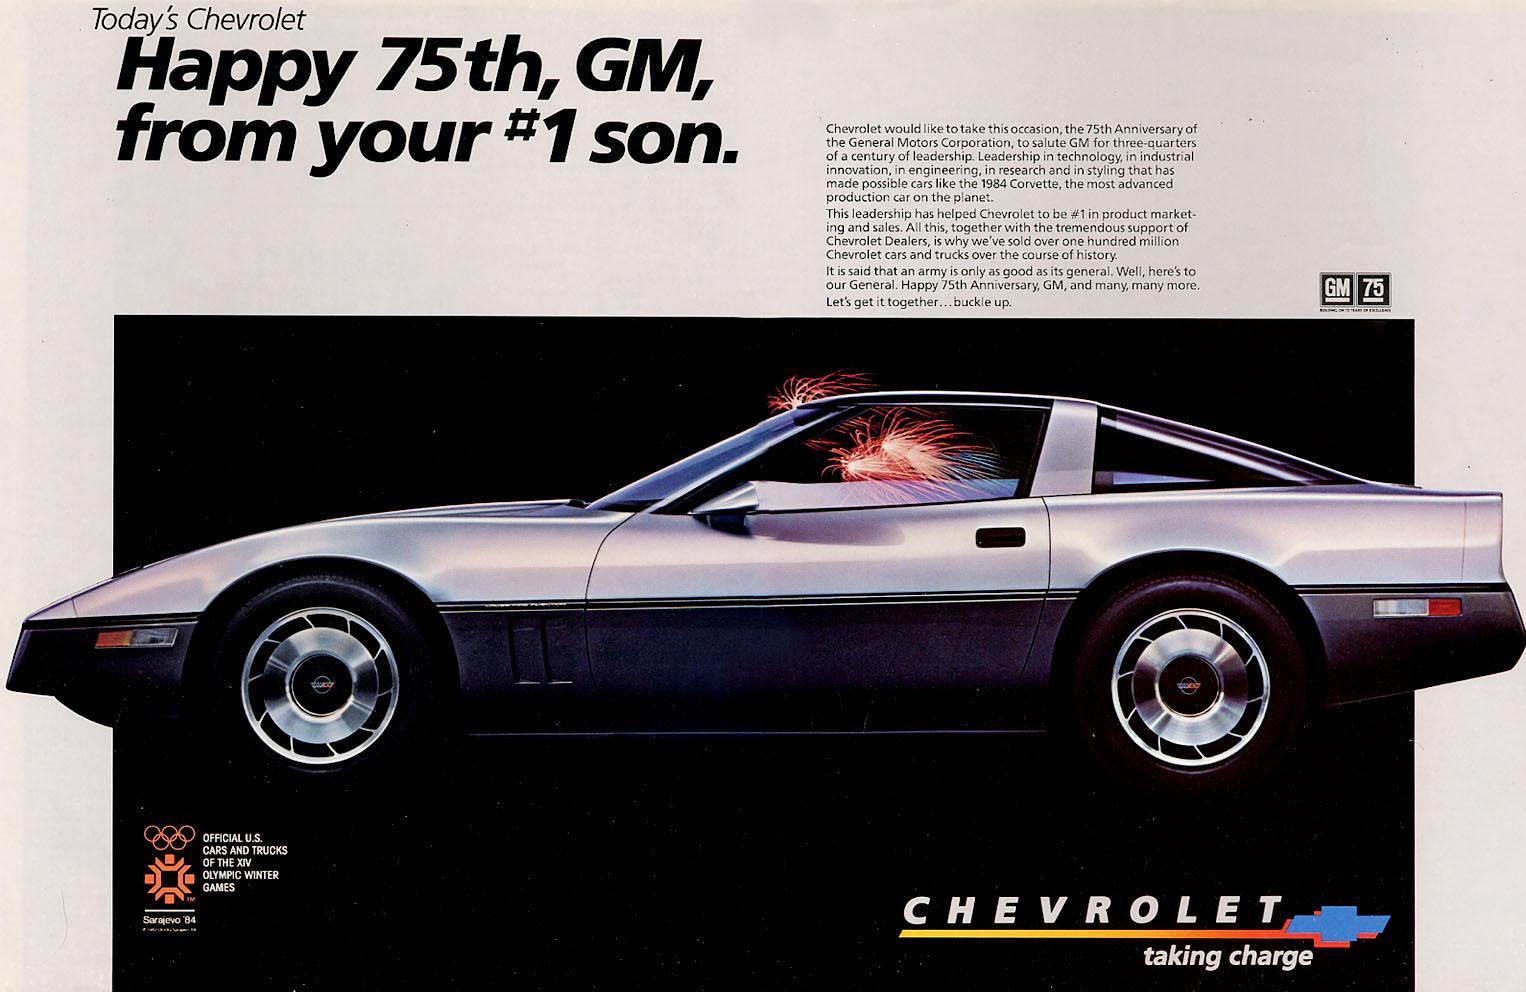 1984 Corvette Ad